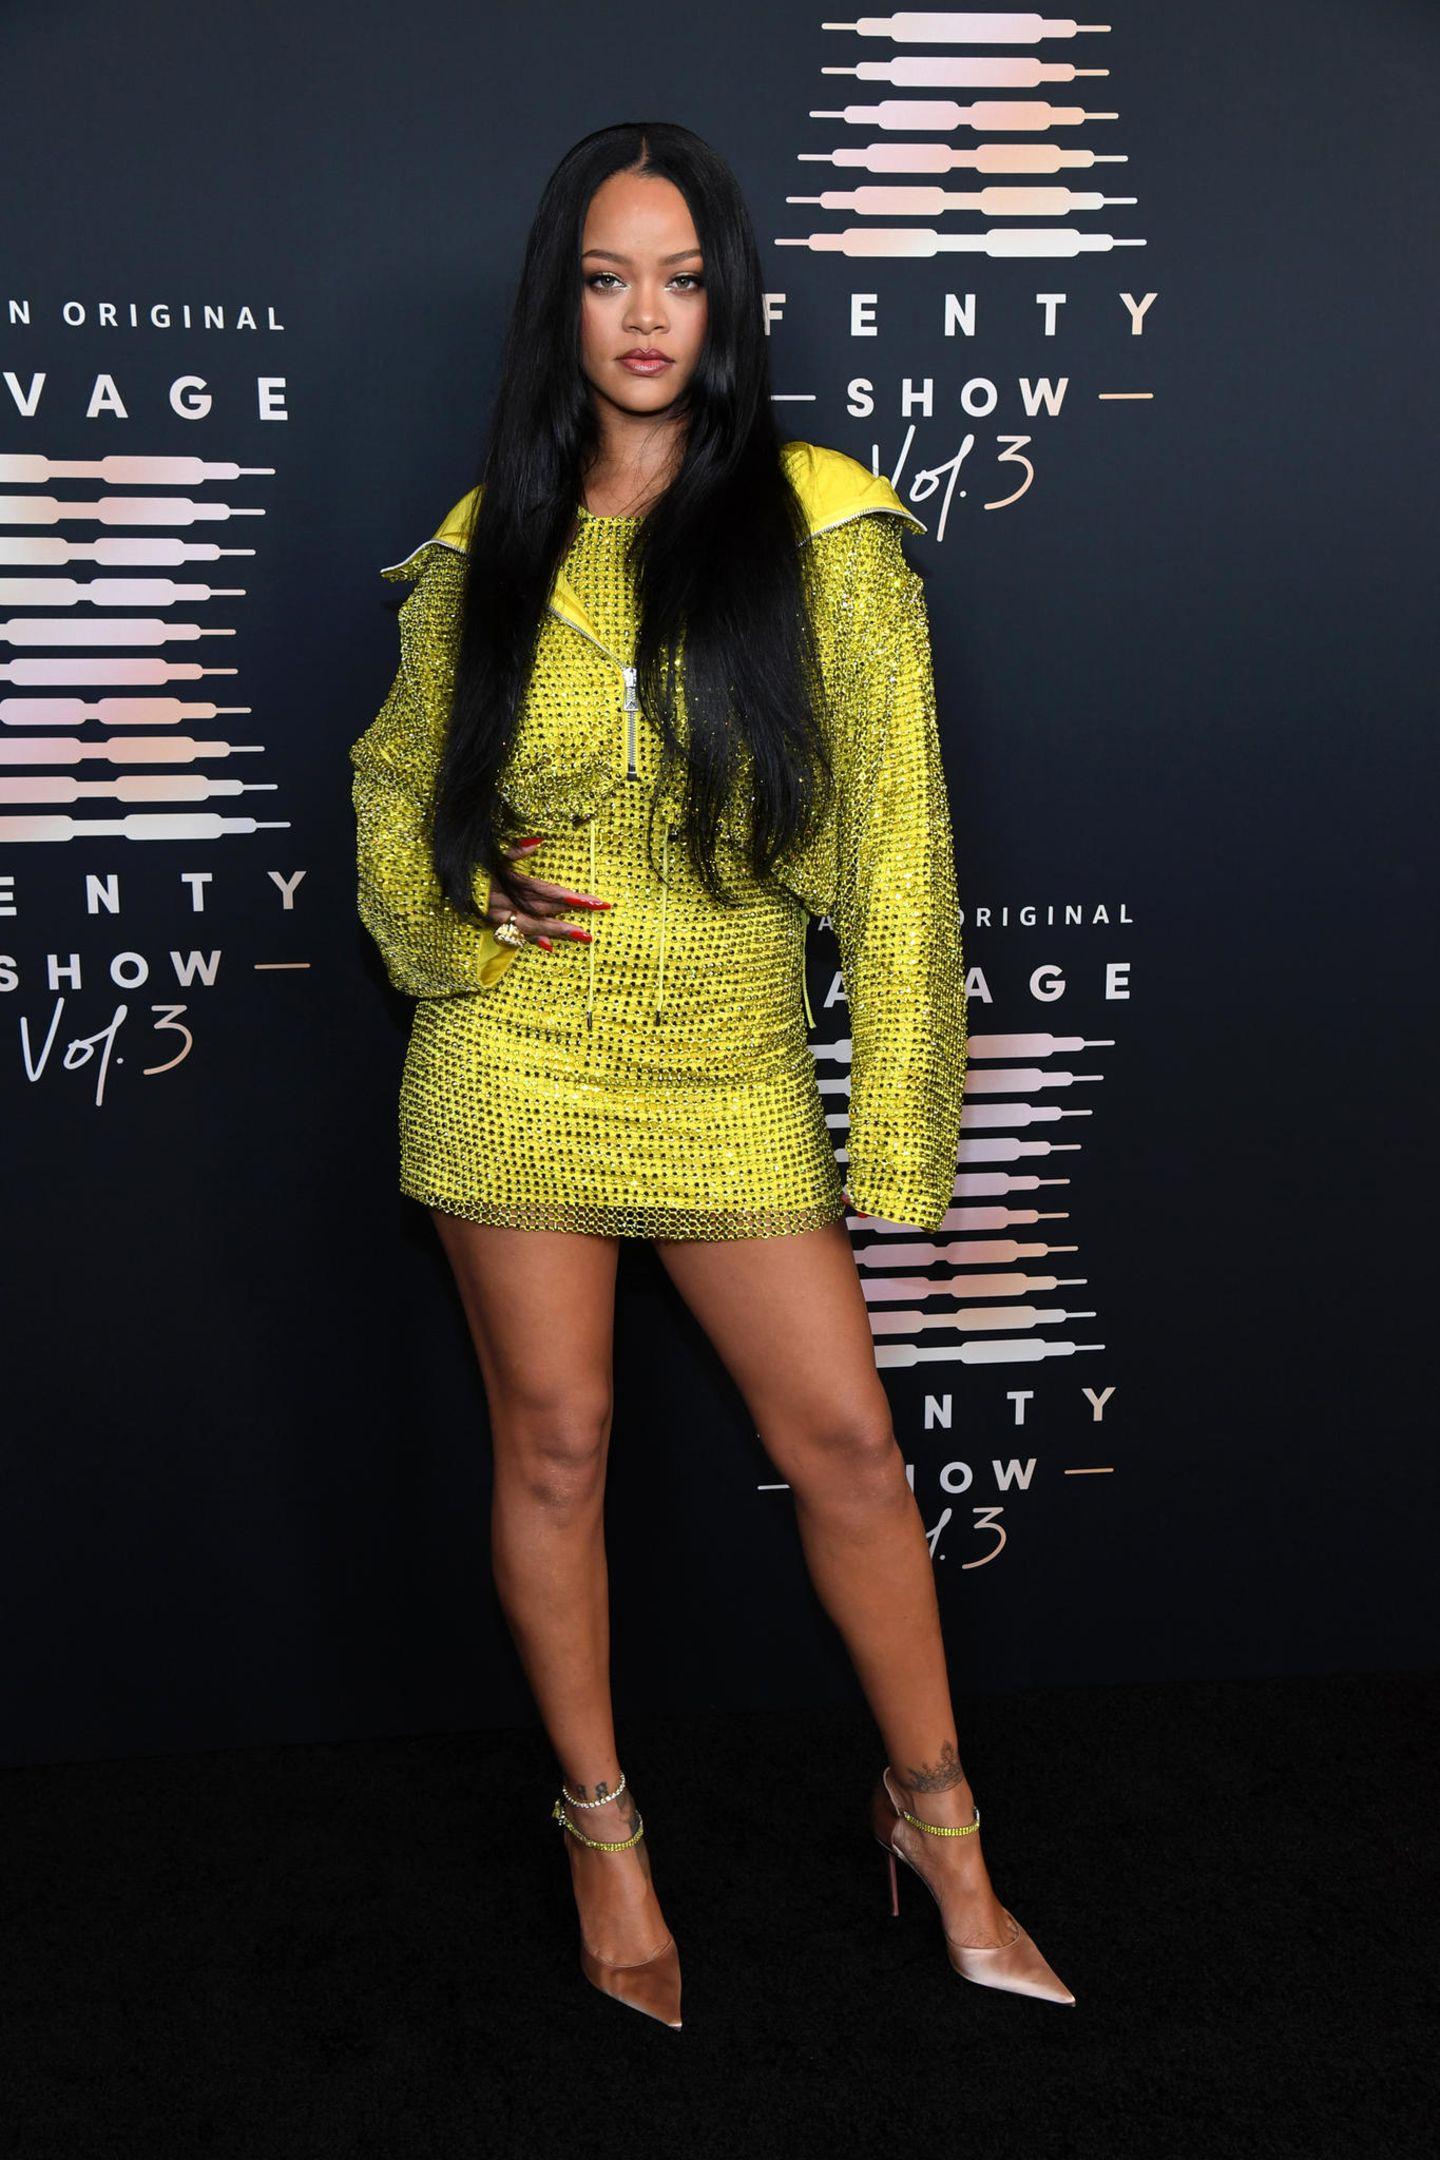 Schon zum dritten Mal beweist Superstar Rihanna, dass sie nicht nur mit Musik und Make-up Erfolge verbuchenkann, sondern auch mit ihrer eigenen Lingerie-Linie Savage X Fenty. Die heiße Show wird präsentiert von Amazon Prime Video und in Los Angeles aufgezeichnet.